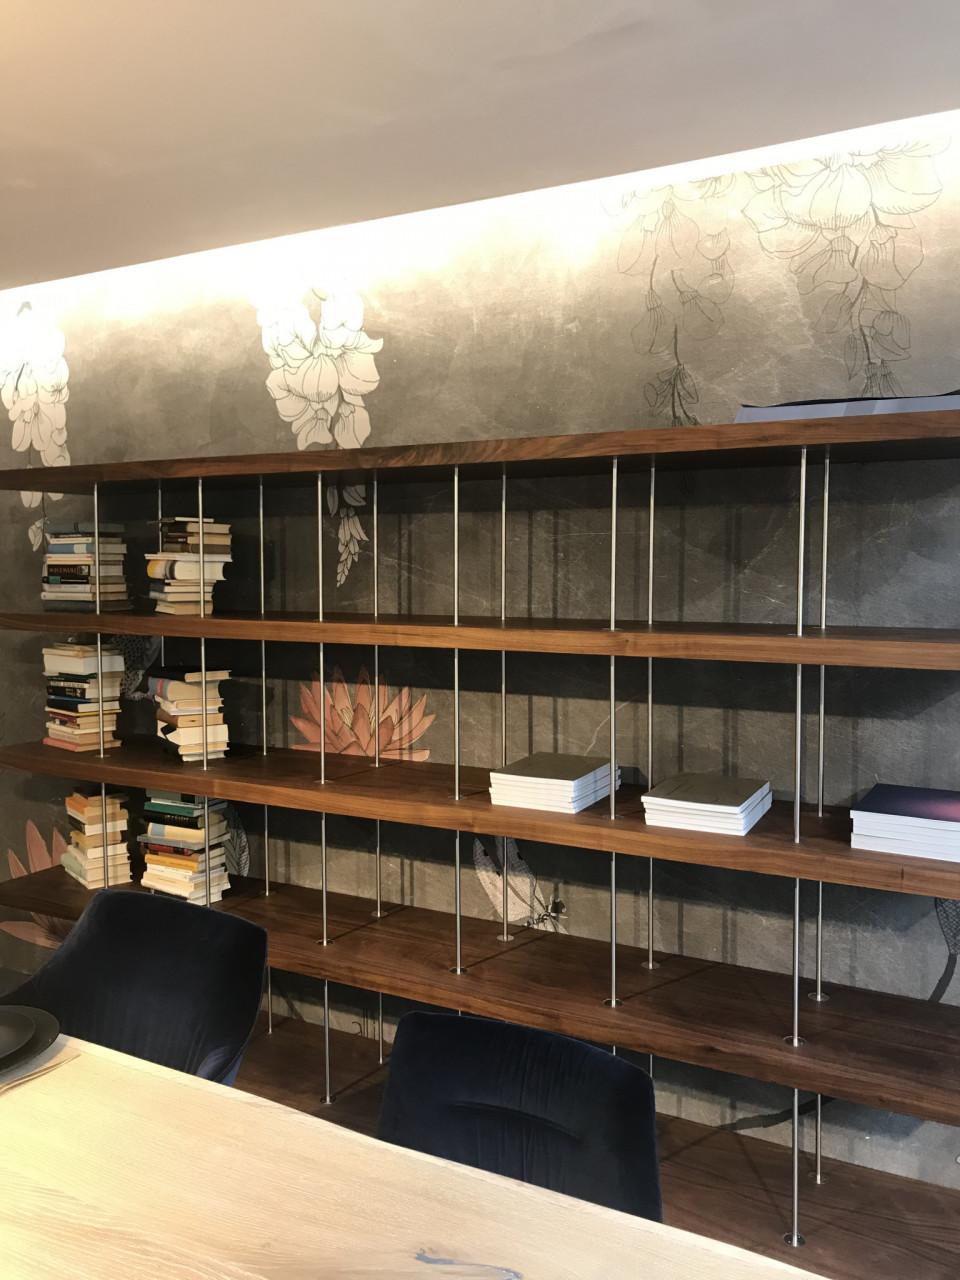 Full Size of Paschen Regale Regal Piano Design Von Riva 1920 Designermbel Kln Berlin Für Keller Bito Nach Maß Schäfer Holz Weiß Schulte Kaufen Günstige Cd Roller Regal Paschen Regale